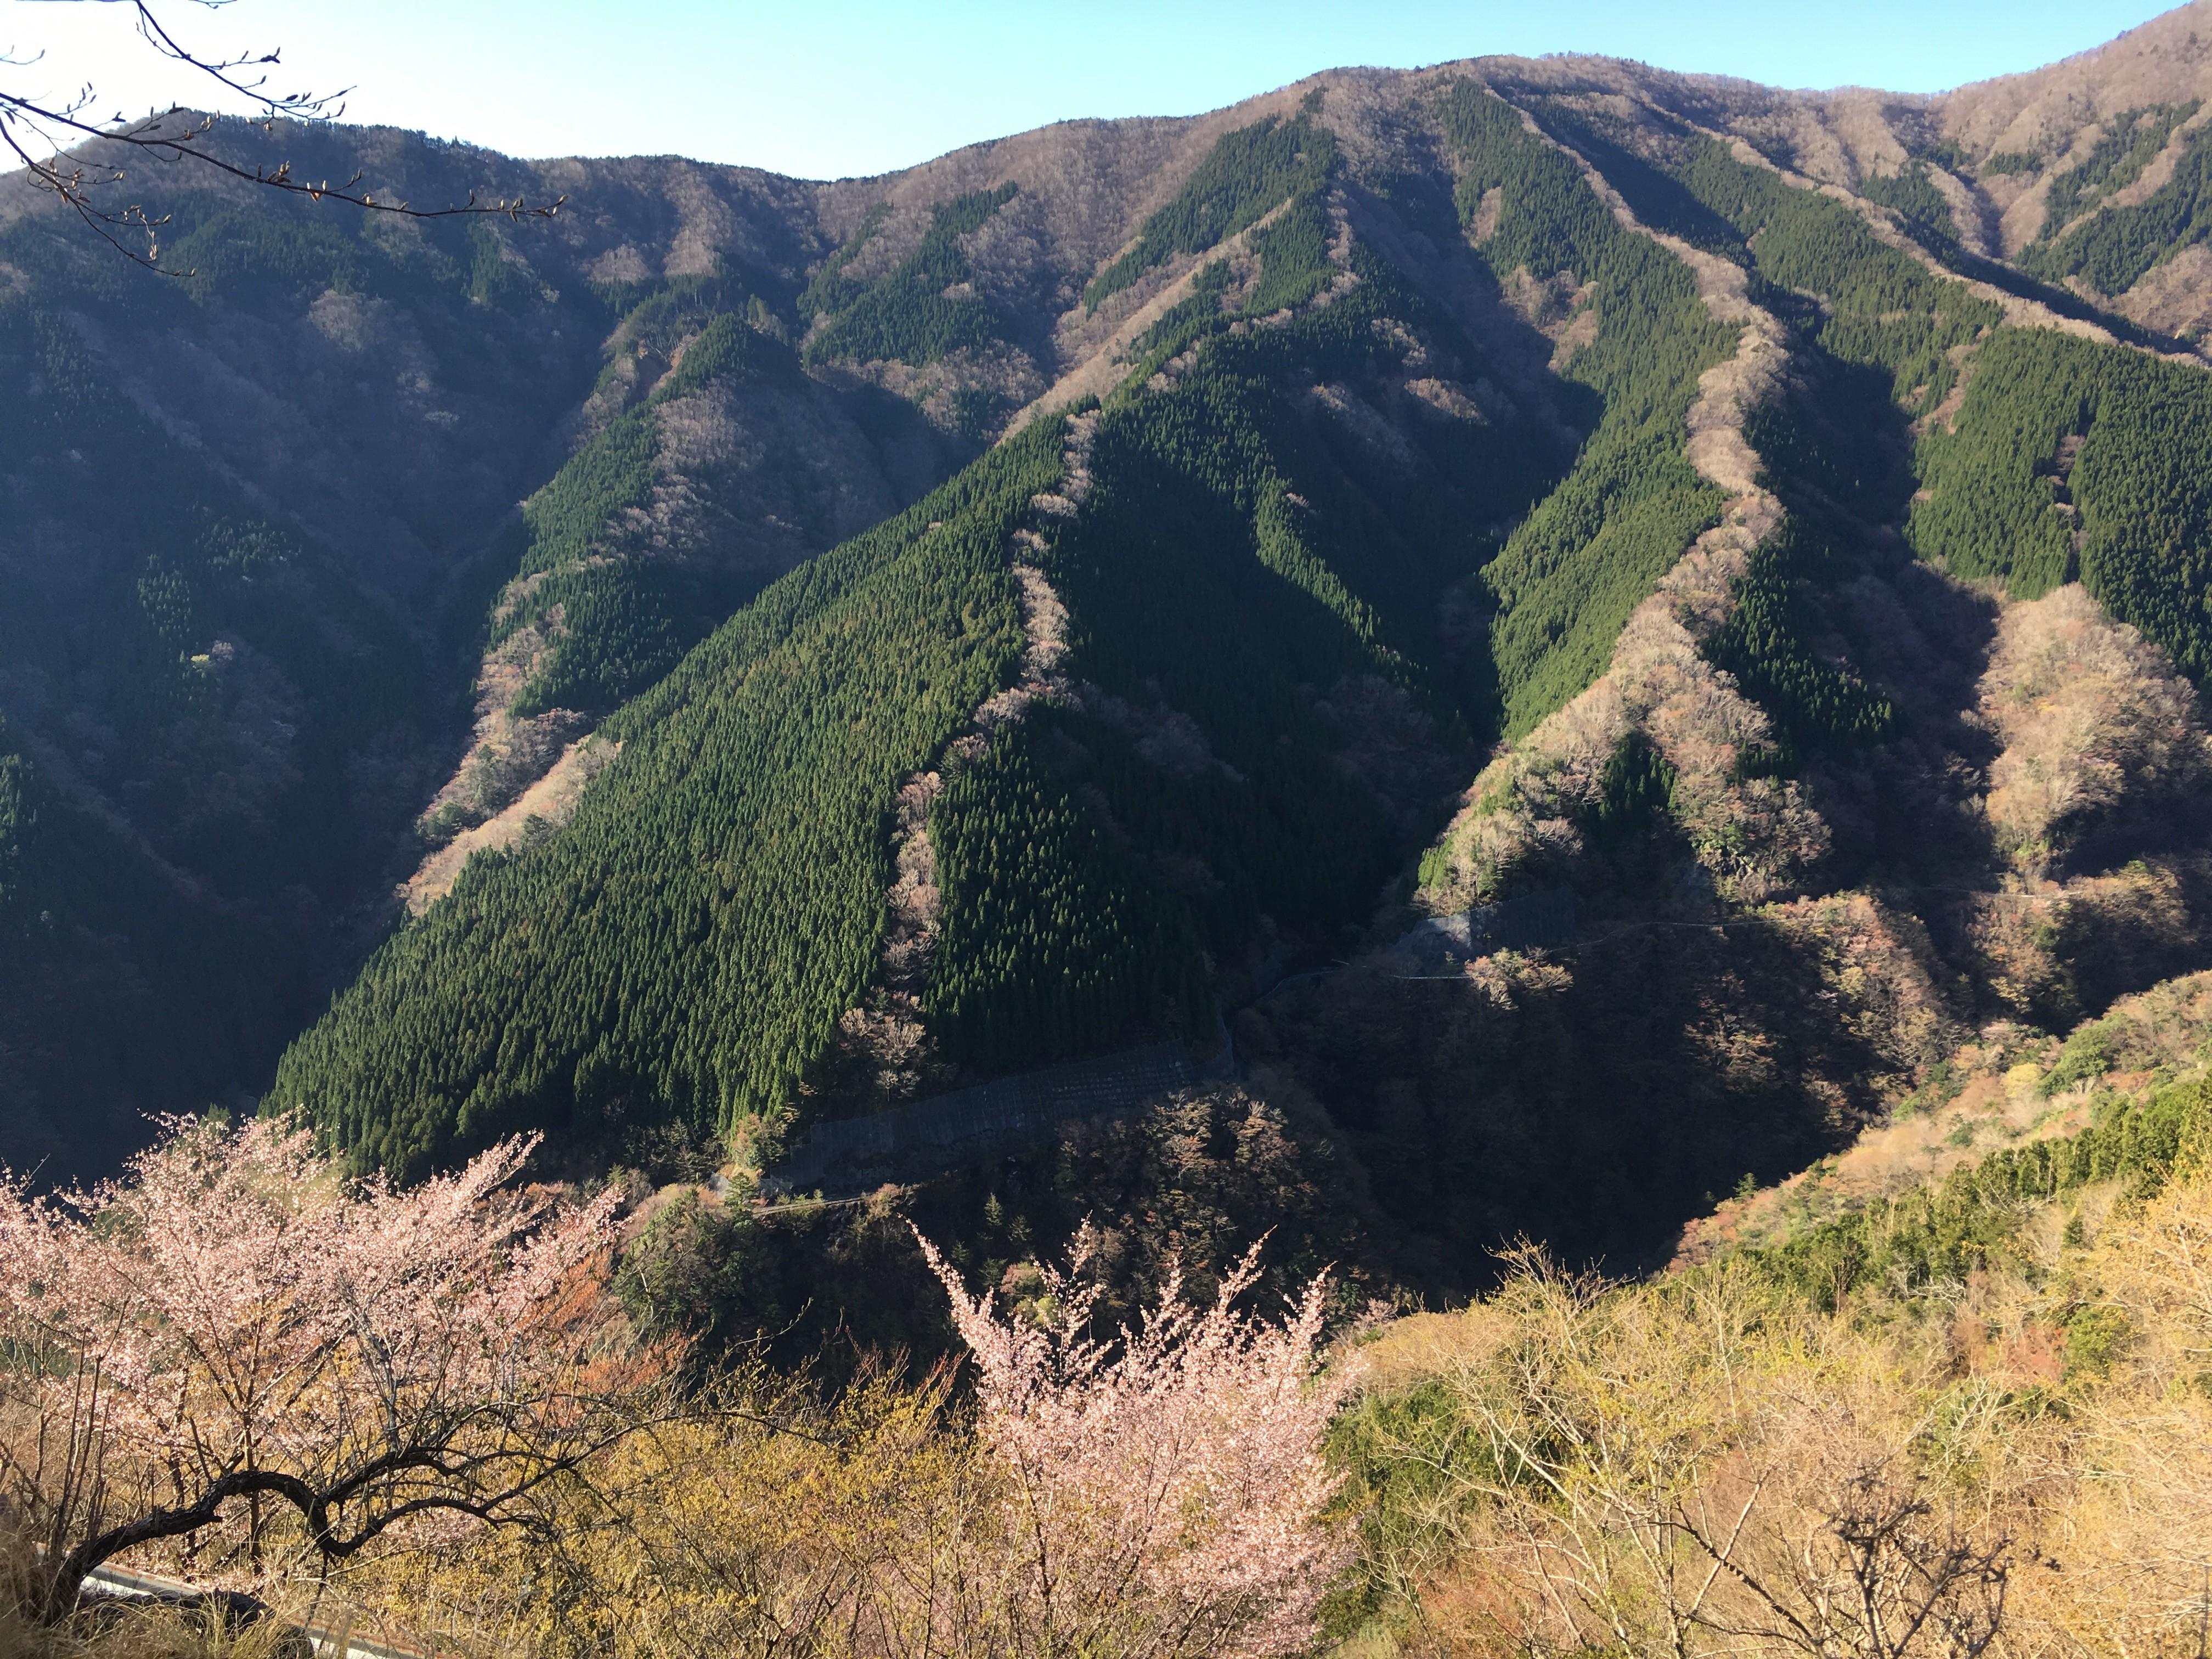 2019/4/17~18  弥山, 八経ヶ岳, 行者還岳